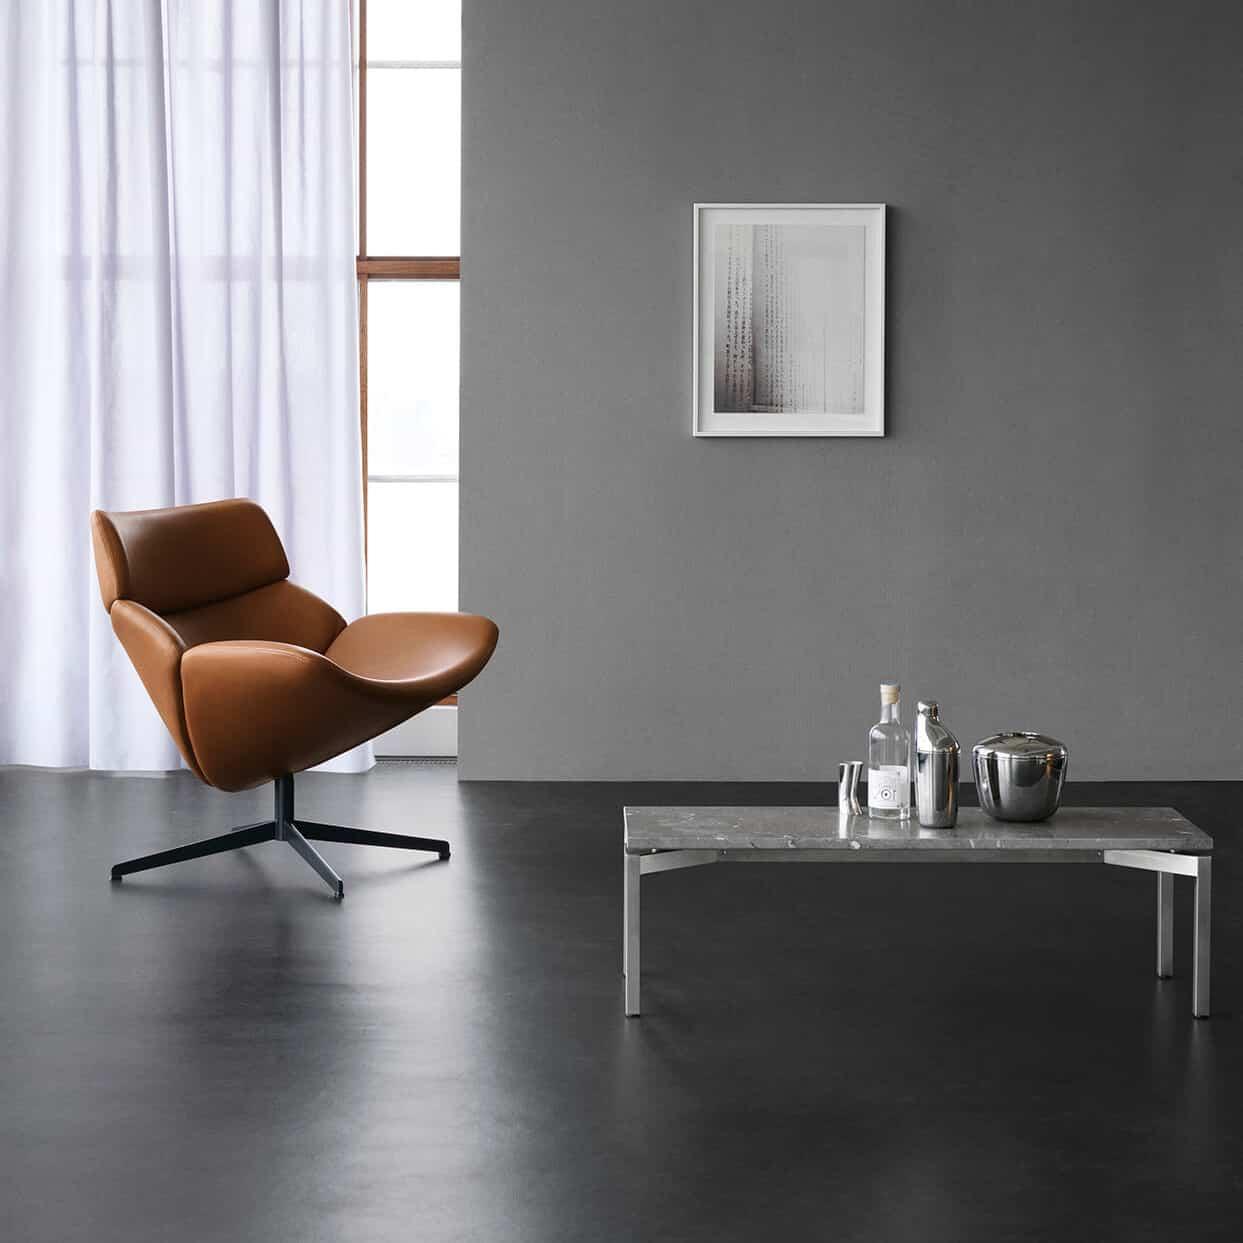 Asko by Patrick Norguet – Erik Jørgensen